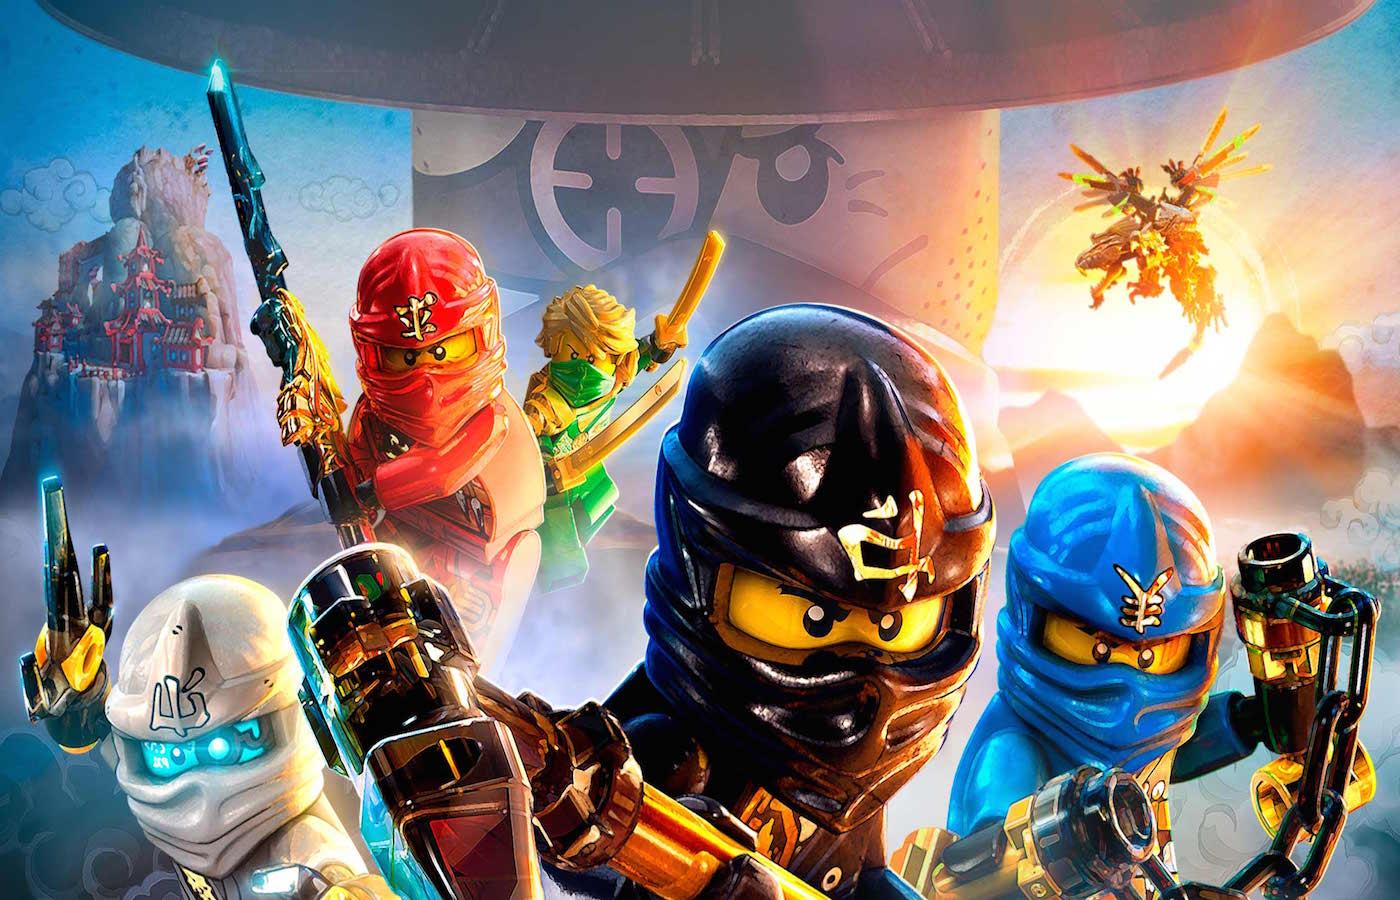 lego-ninjago.jpg